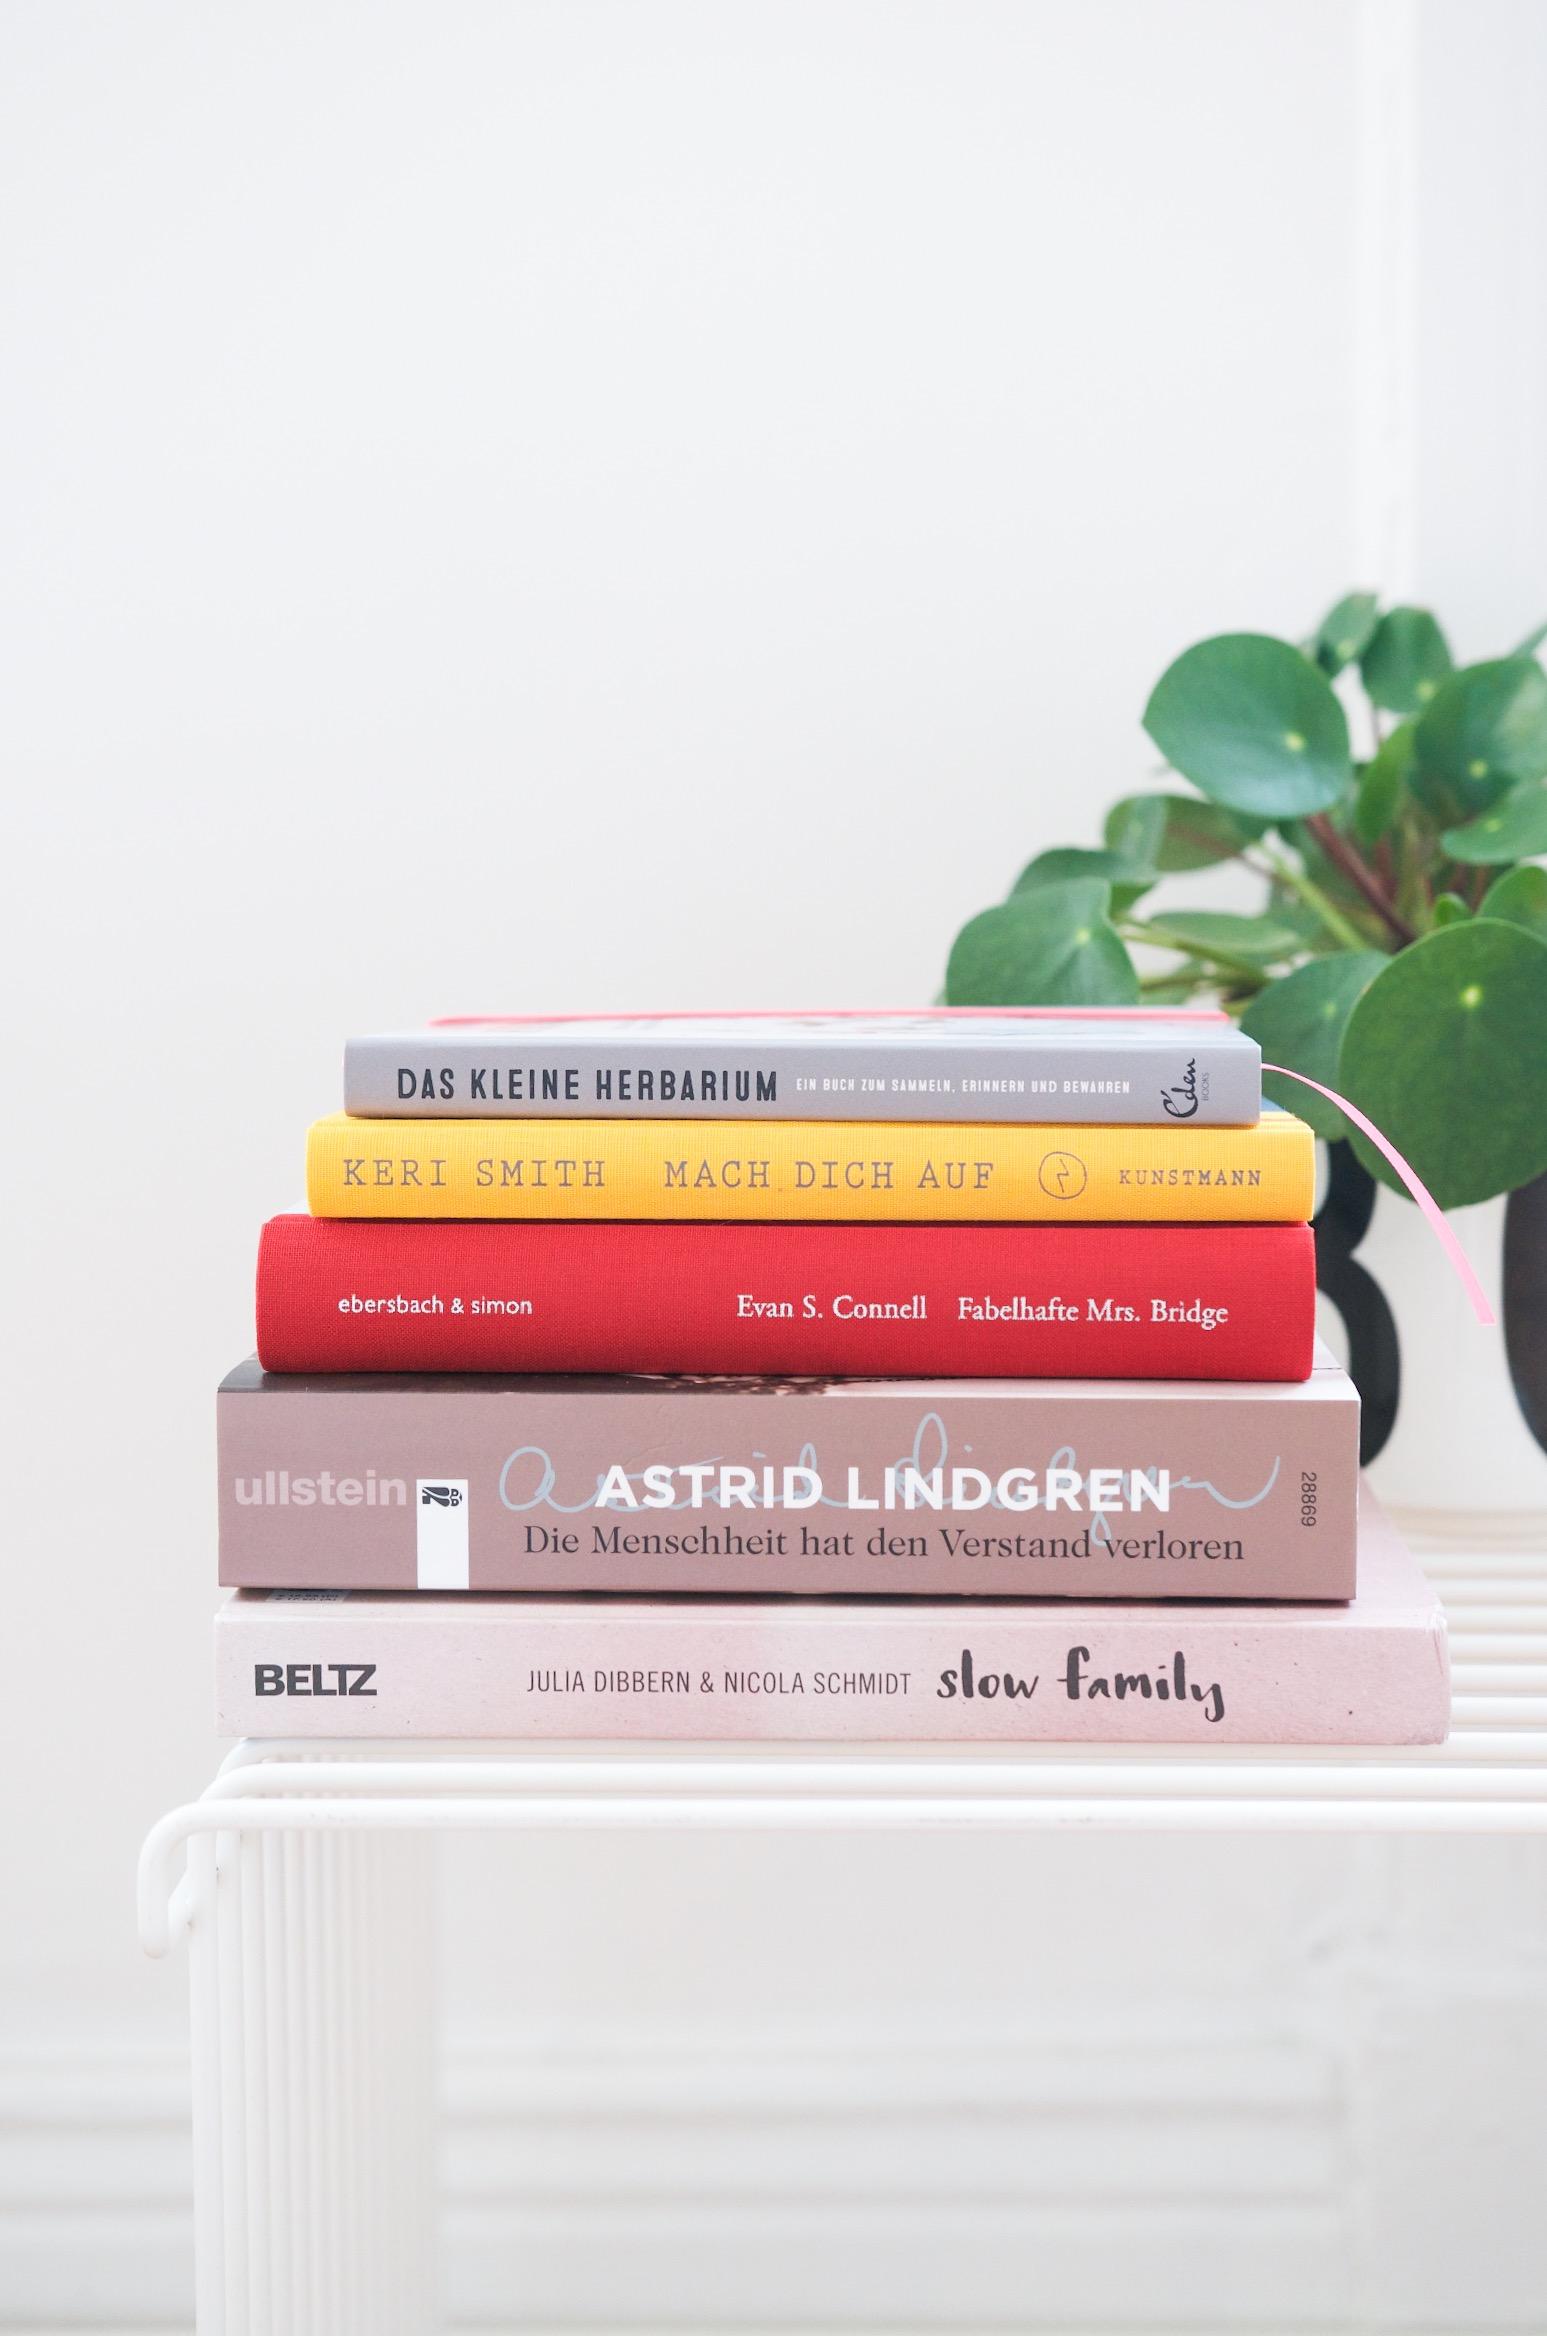 Bücher - meine große Liebe?